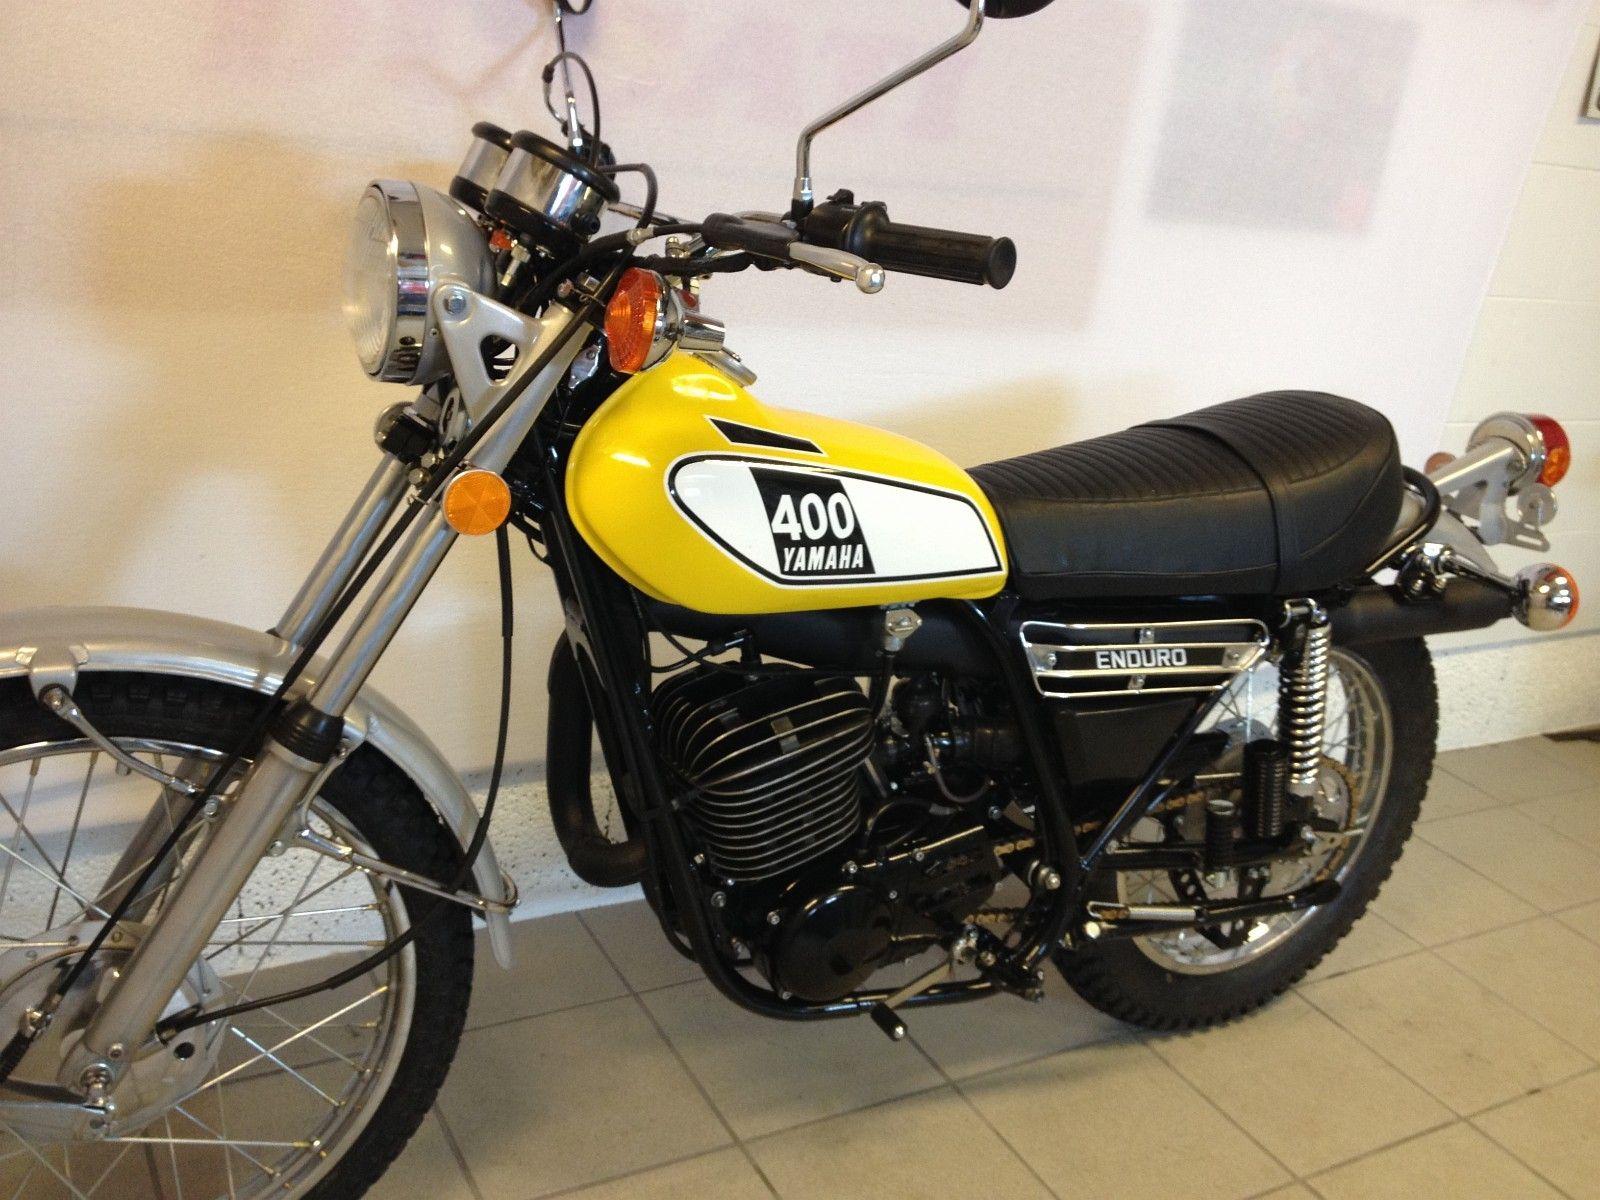 FINN Yamaha DT400